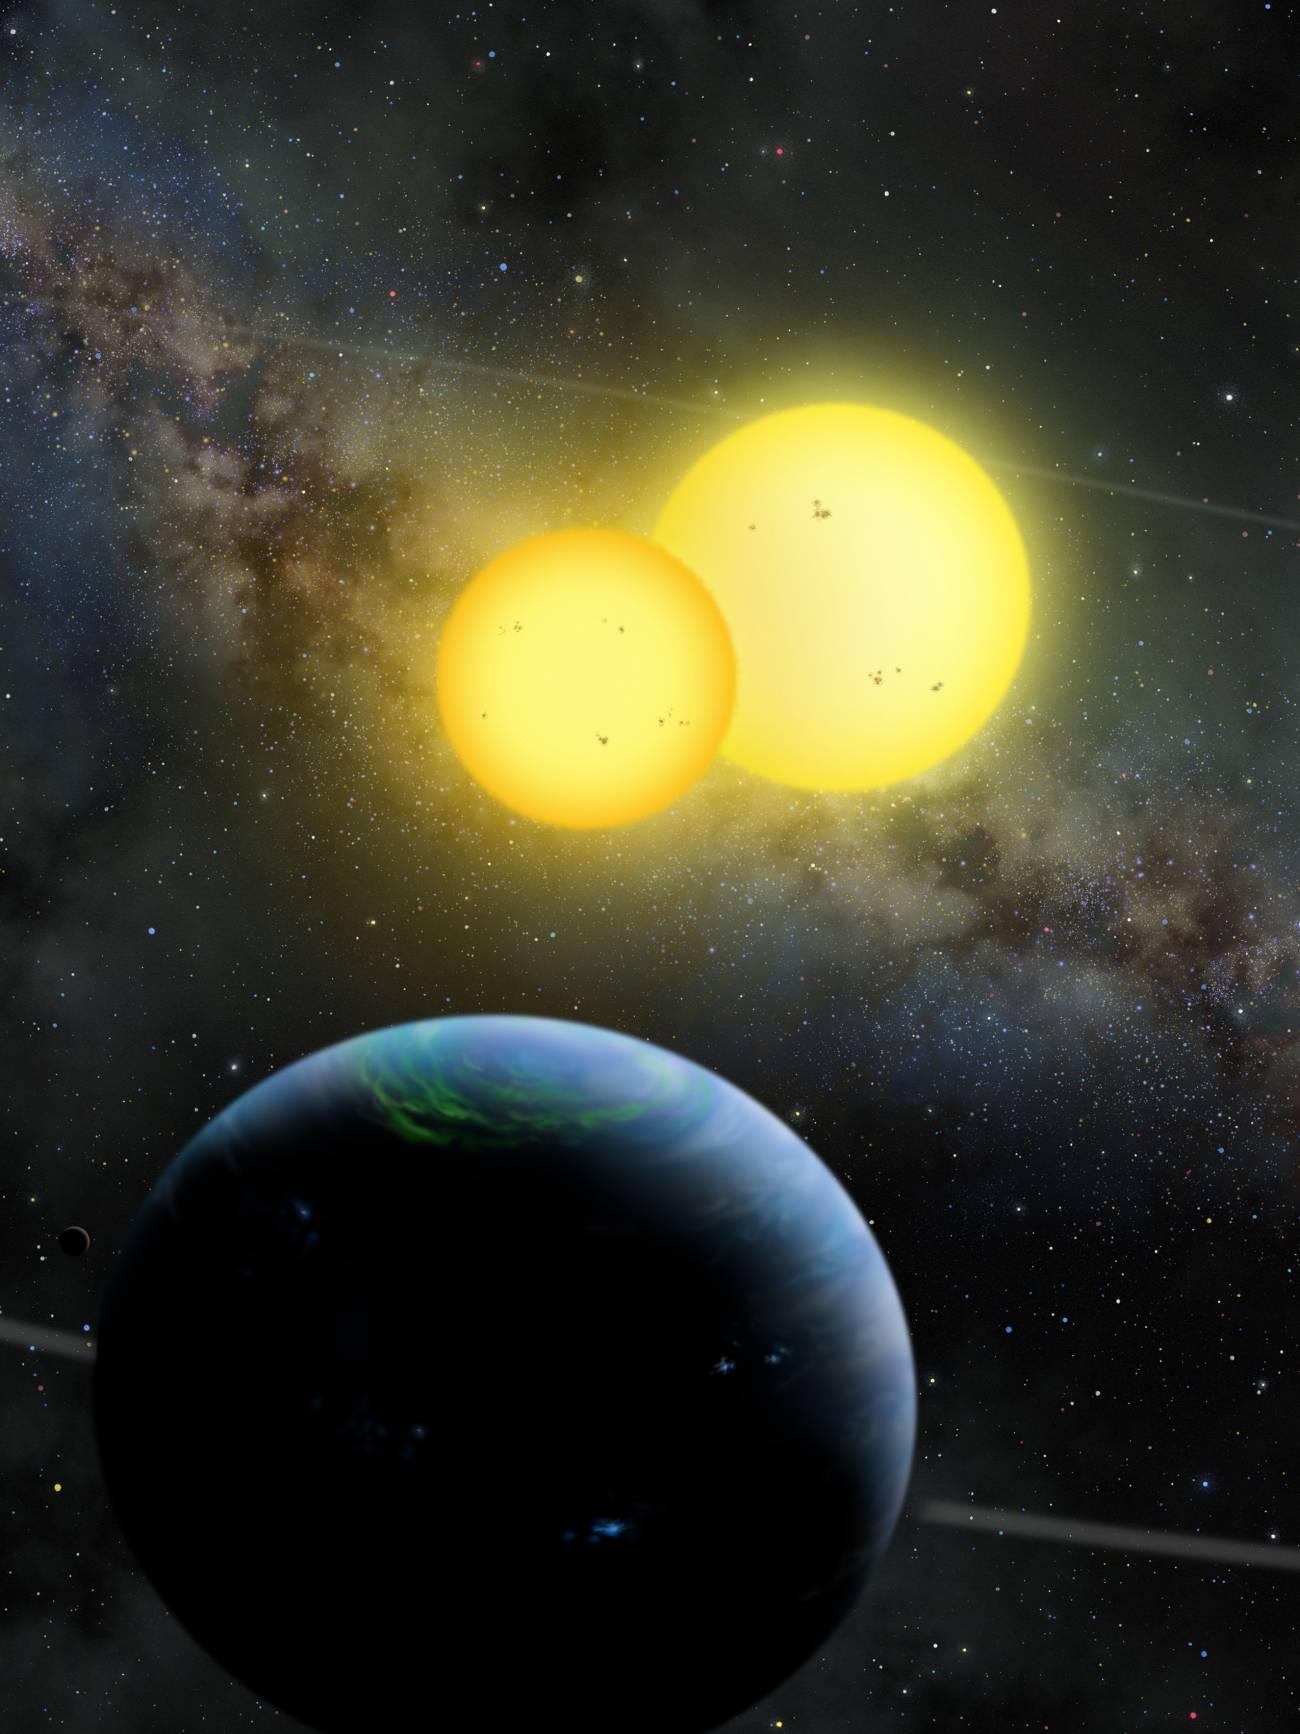 Ilustración de un planeta orbitando alrededor de un sistema con dos soles.